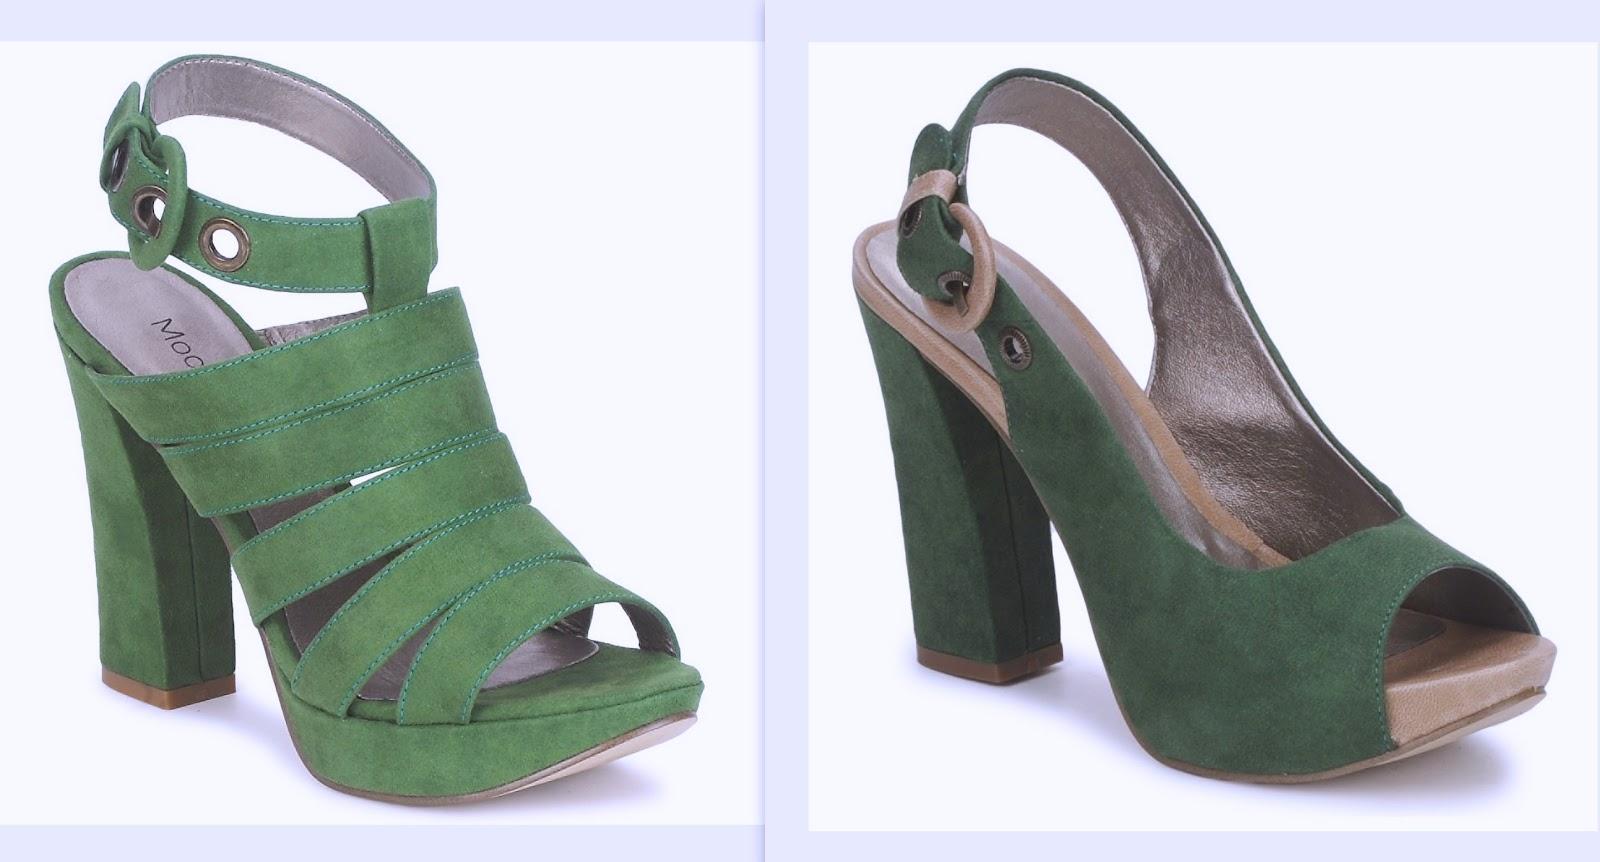 Tendencia zapatos de tacn ancho  NO SOY TU ESTILO